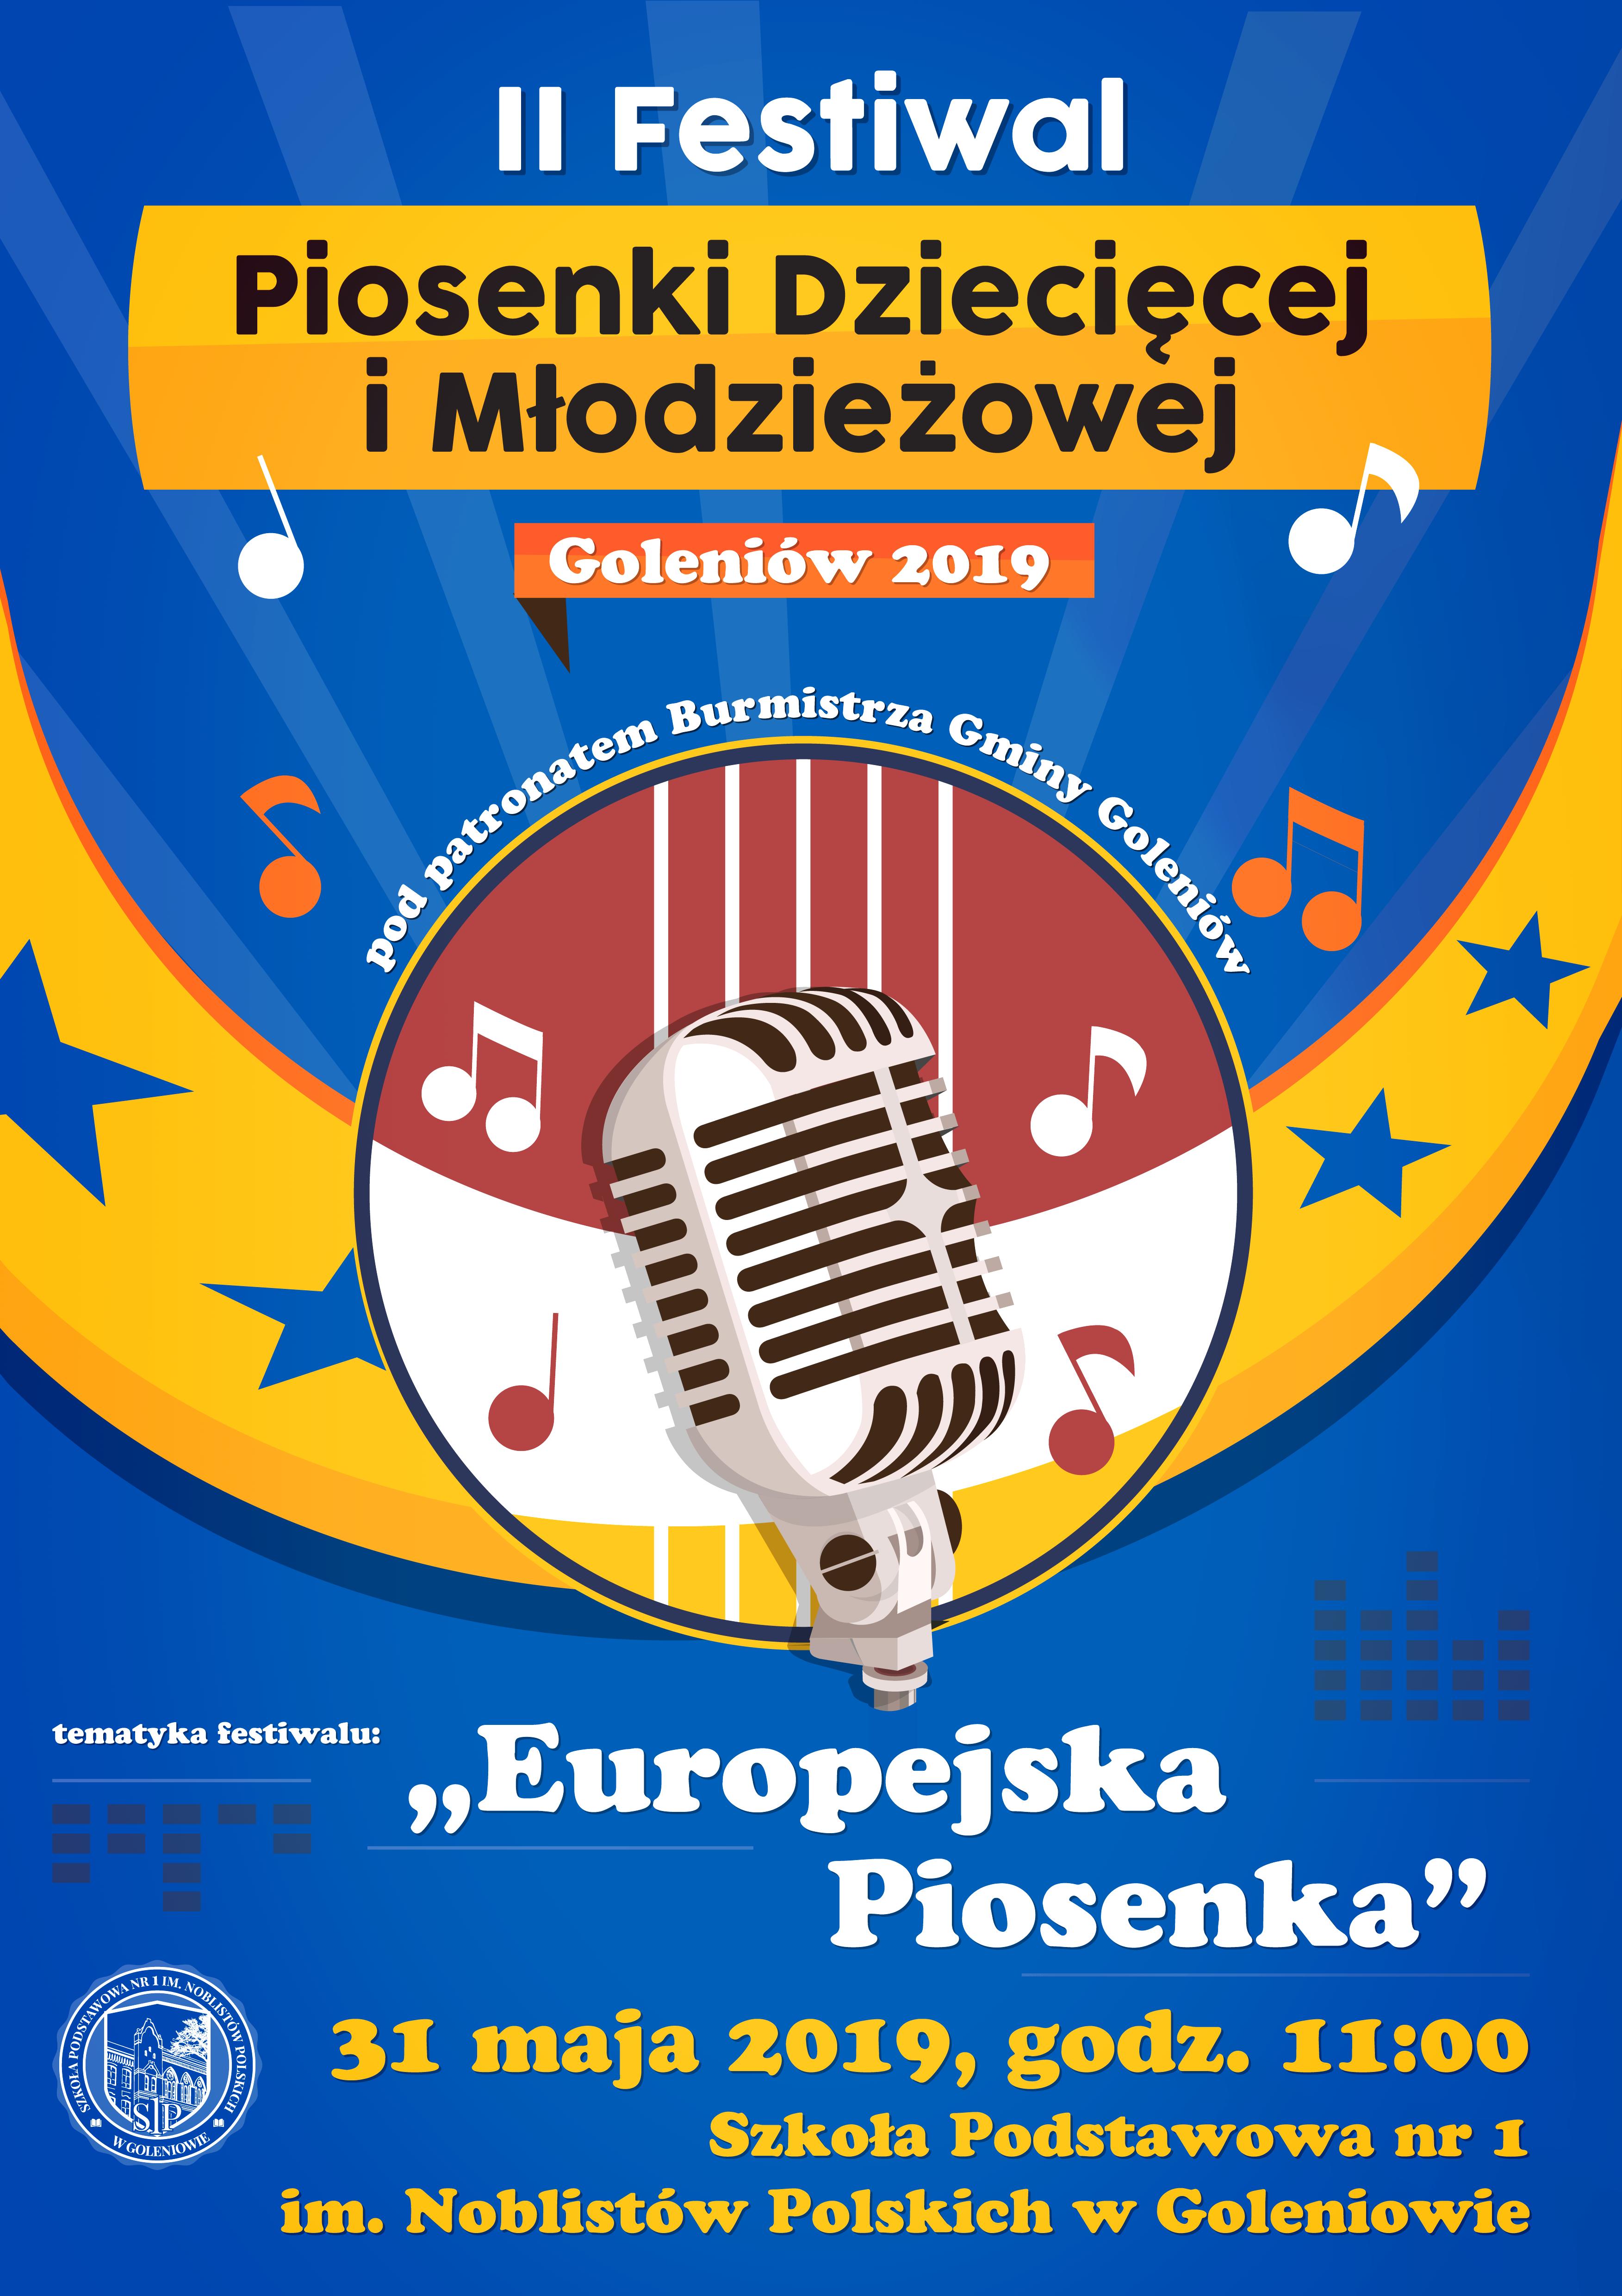 II Festiwal Piosenki Dziecięcej i Młodzieżowej